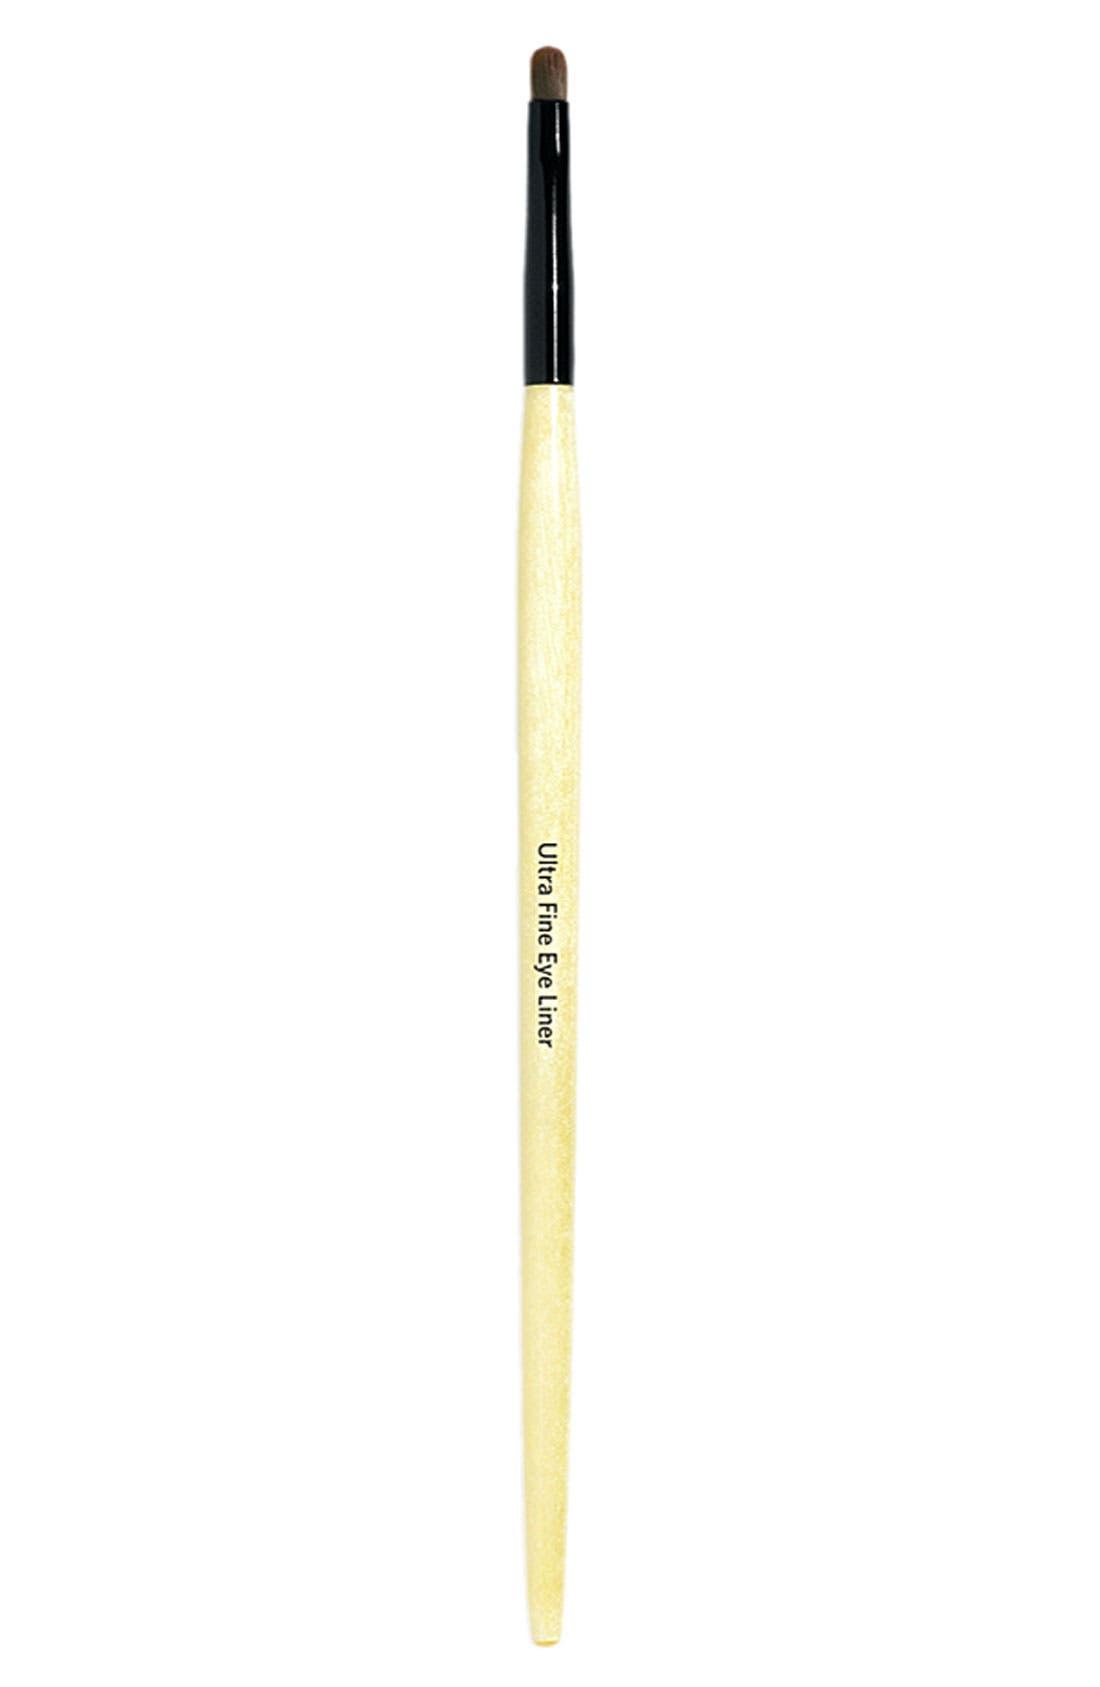 Ultra Fine Eyeliner Brush,                         Main,                         color, NO COLOR